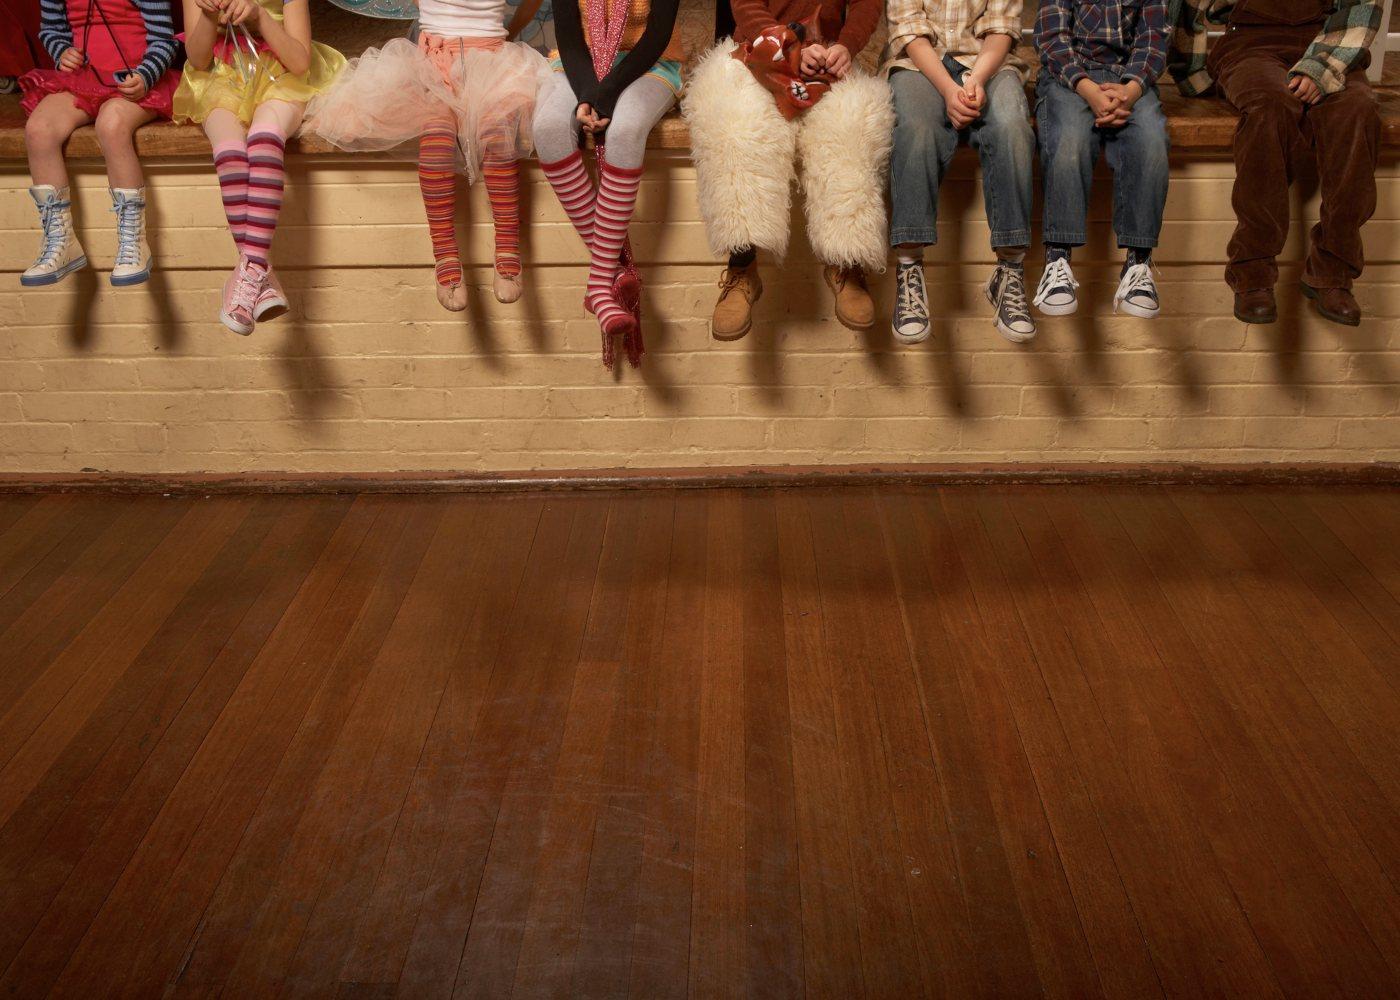 crianças vestidas de personagens sentadas no palco